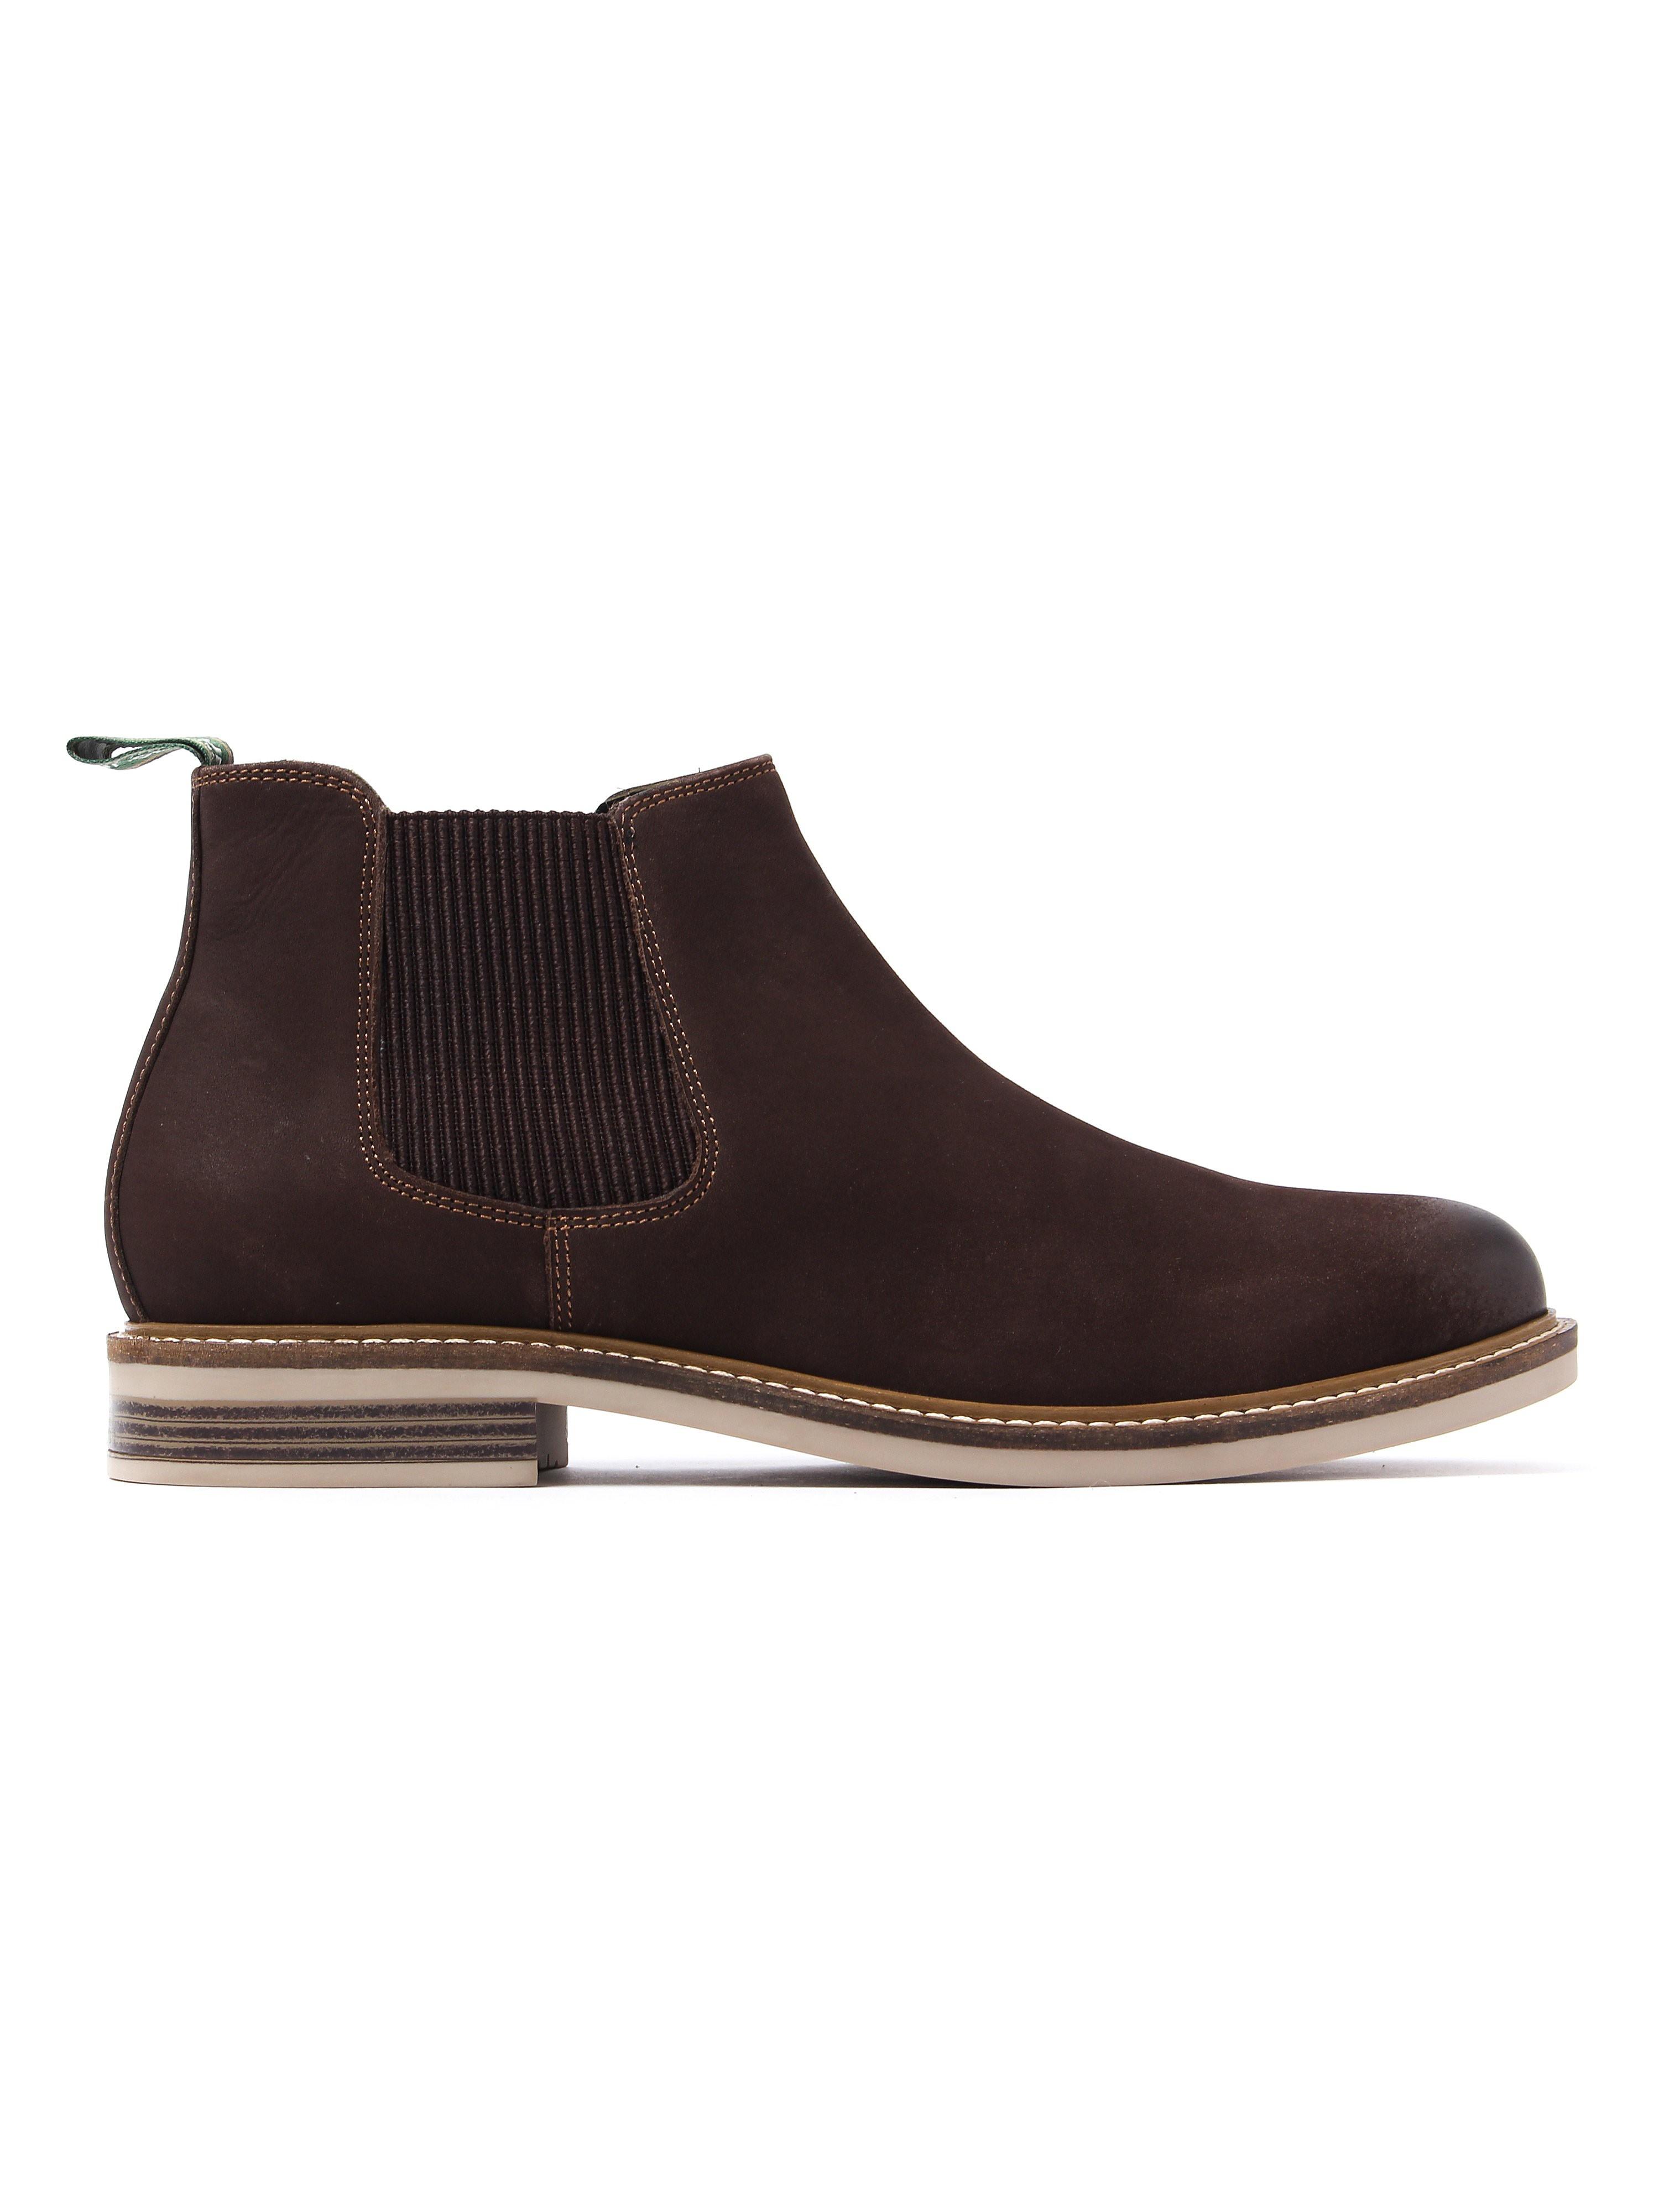 Barbour Men's Penshaw Suede Chelsea Boots - Dark Brown